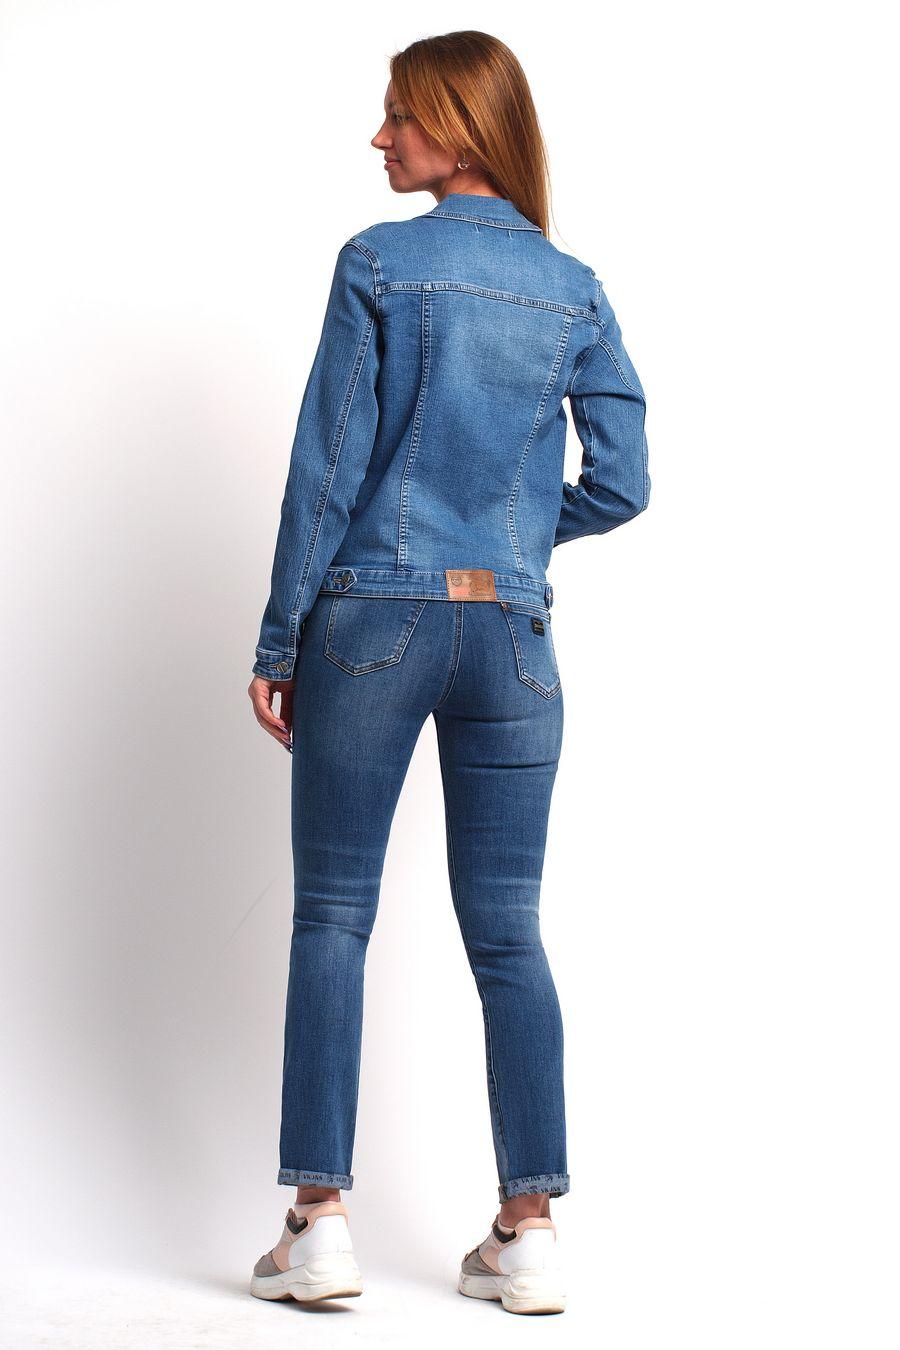 Пиджак женский (джинсовка) Bicstar 2508-AW-2 - фото 3